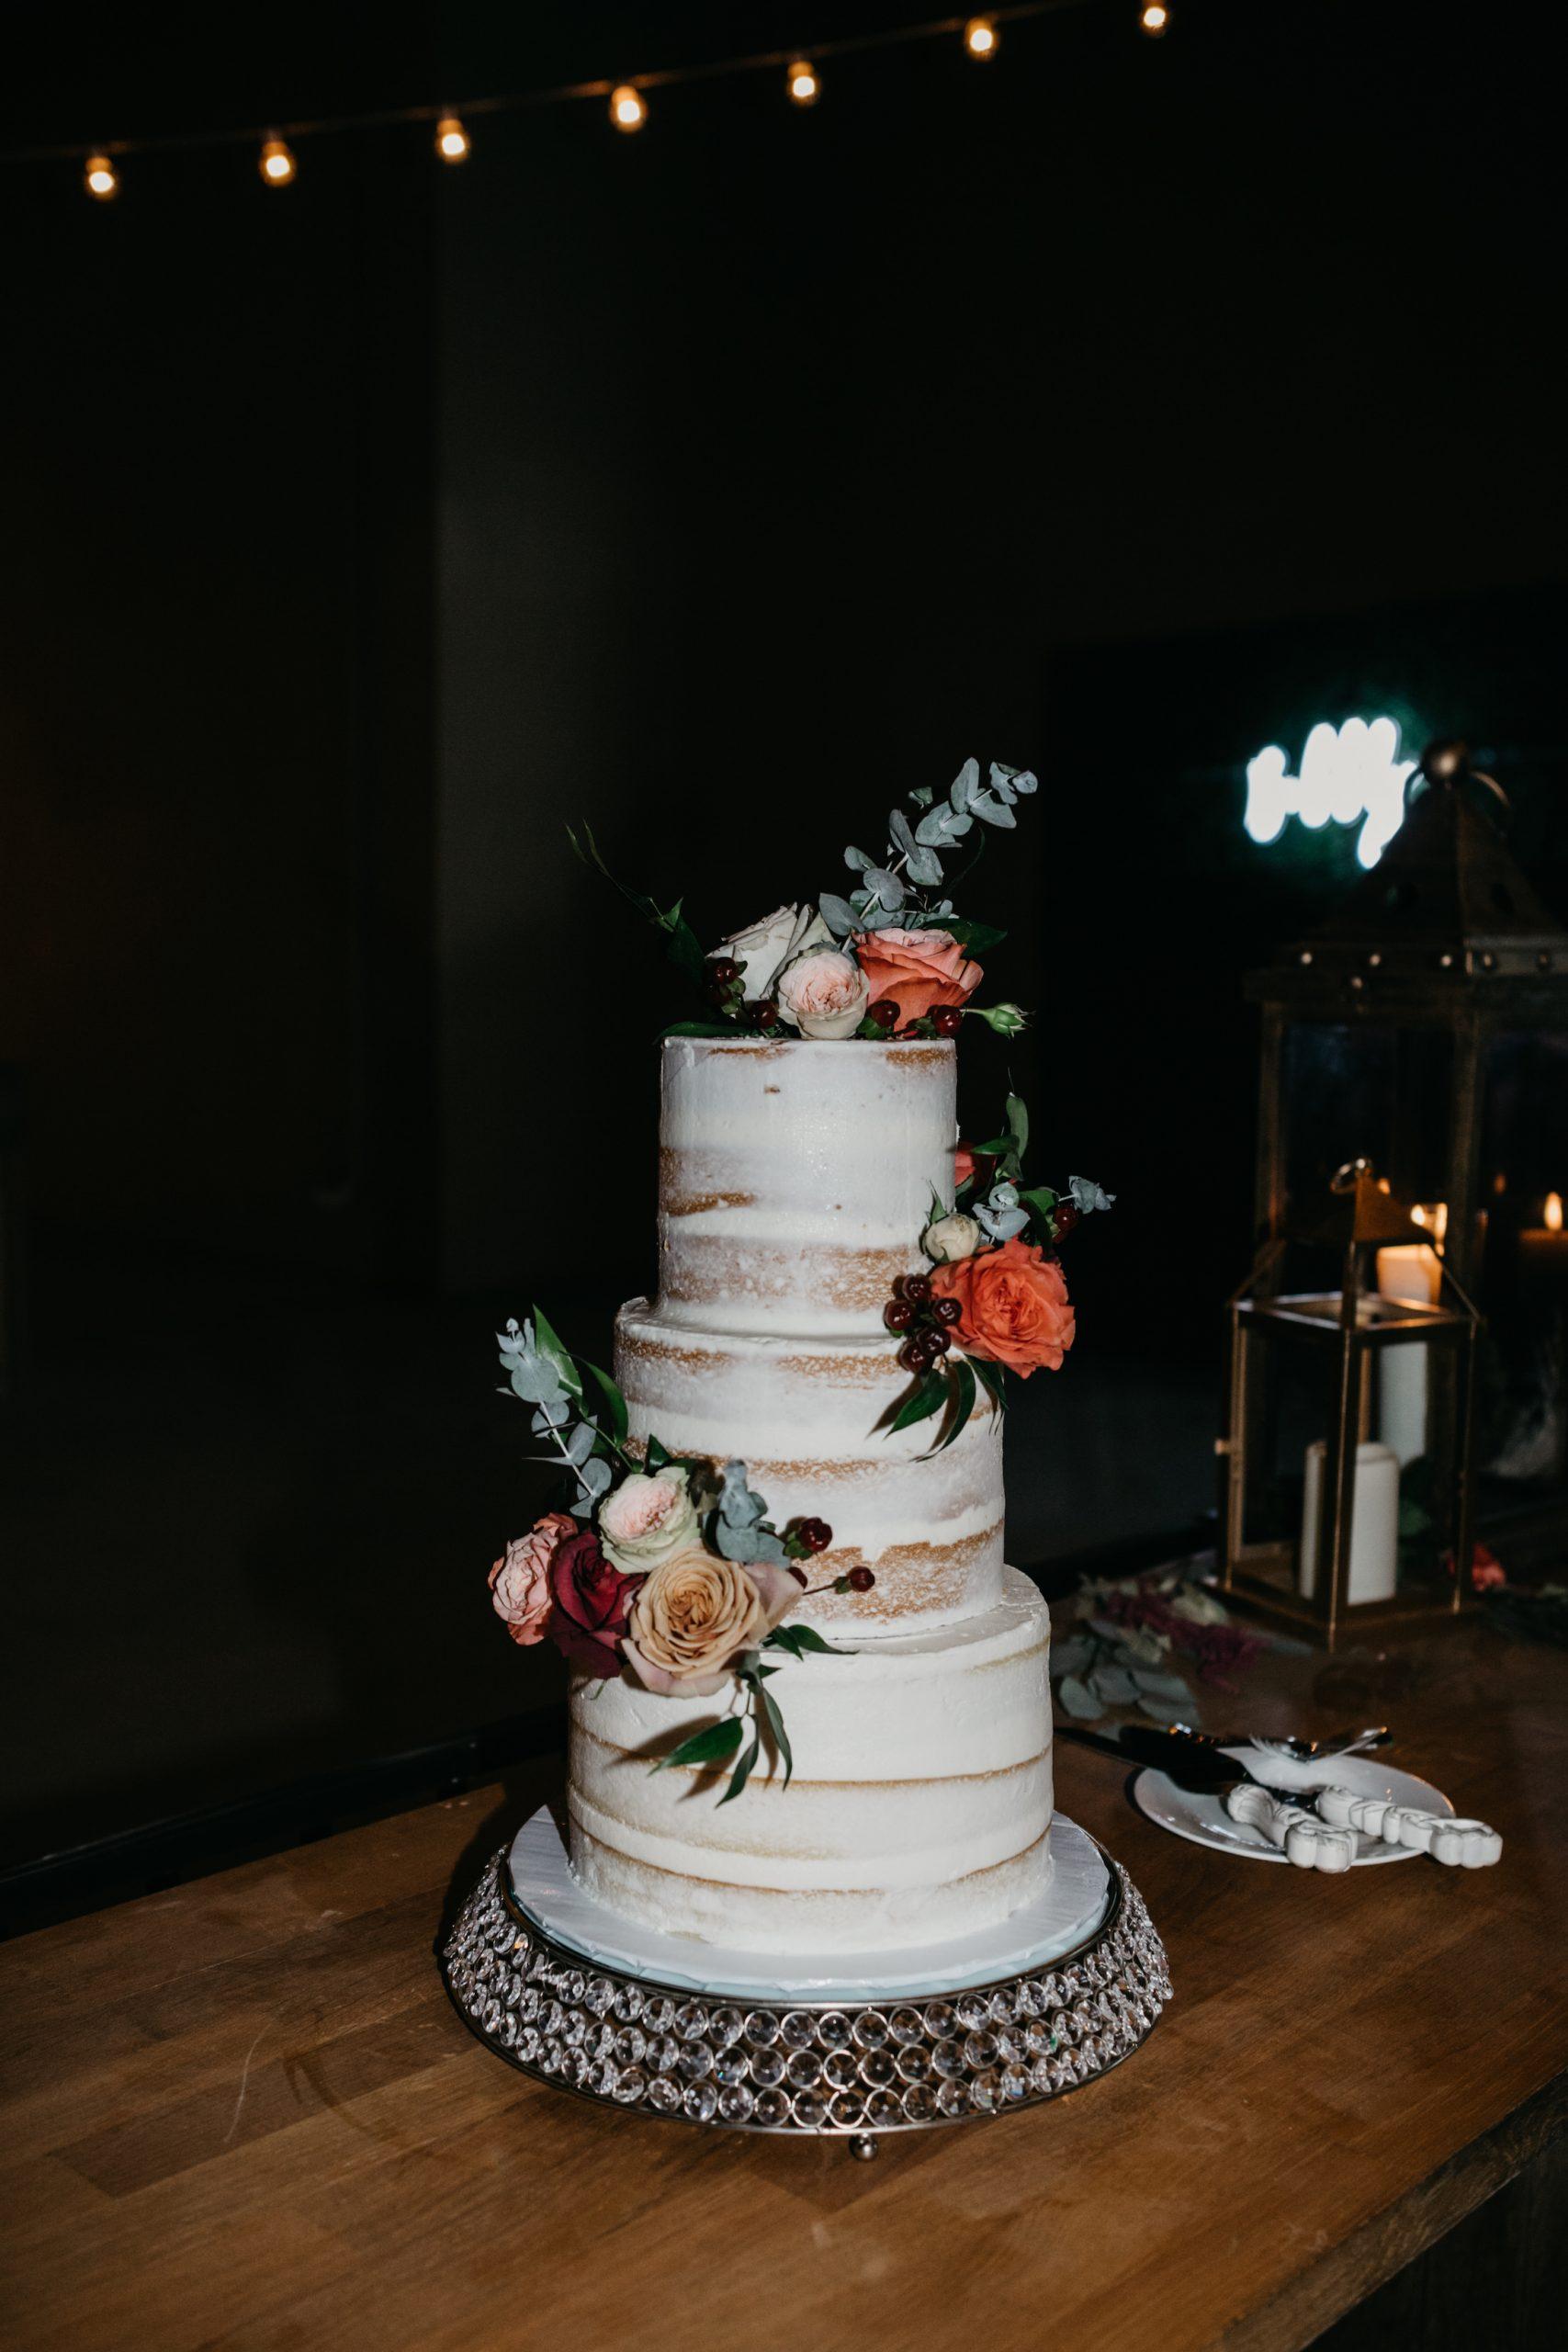 Naked Wedding Cake, image by Fatima Elreda Photo